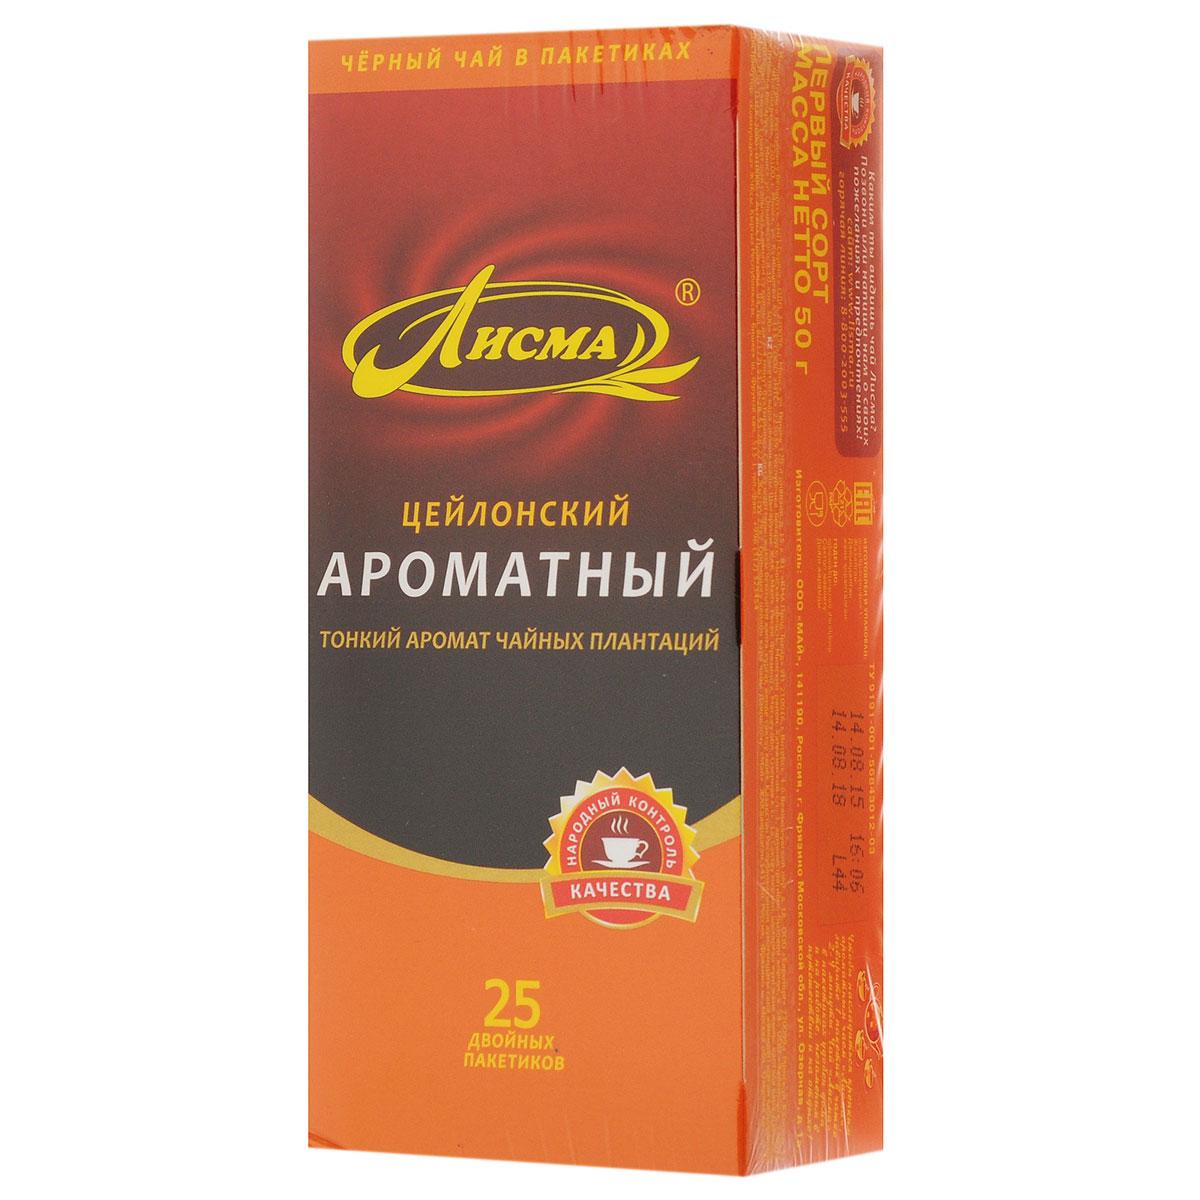 Лисма Ароматный черный чай в пакетиках, 25 шт201422Лисма Ароматный - индийский черный байховый чай в пакетиках. В коробке содержится 25 пакетиков по 2 грамма.Всё о чае: сорта, факты, советы по выбору и употреблению. Статья OZON Гид